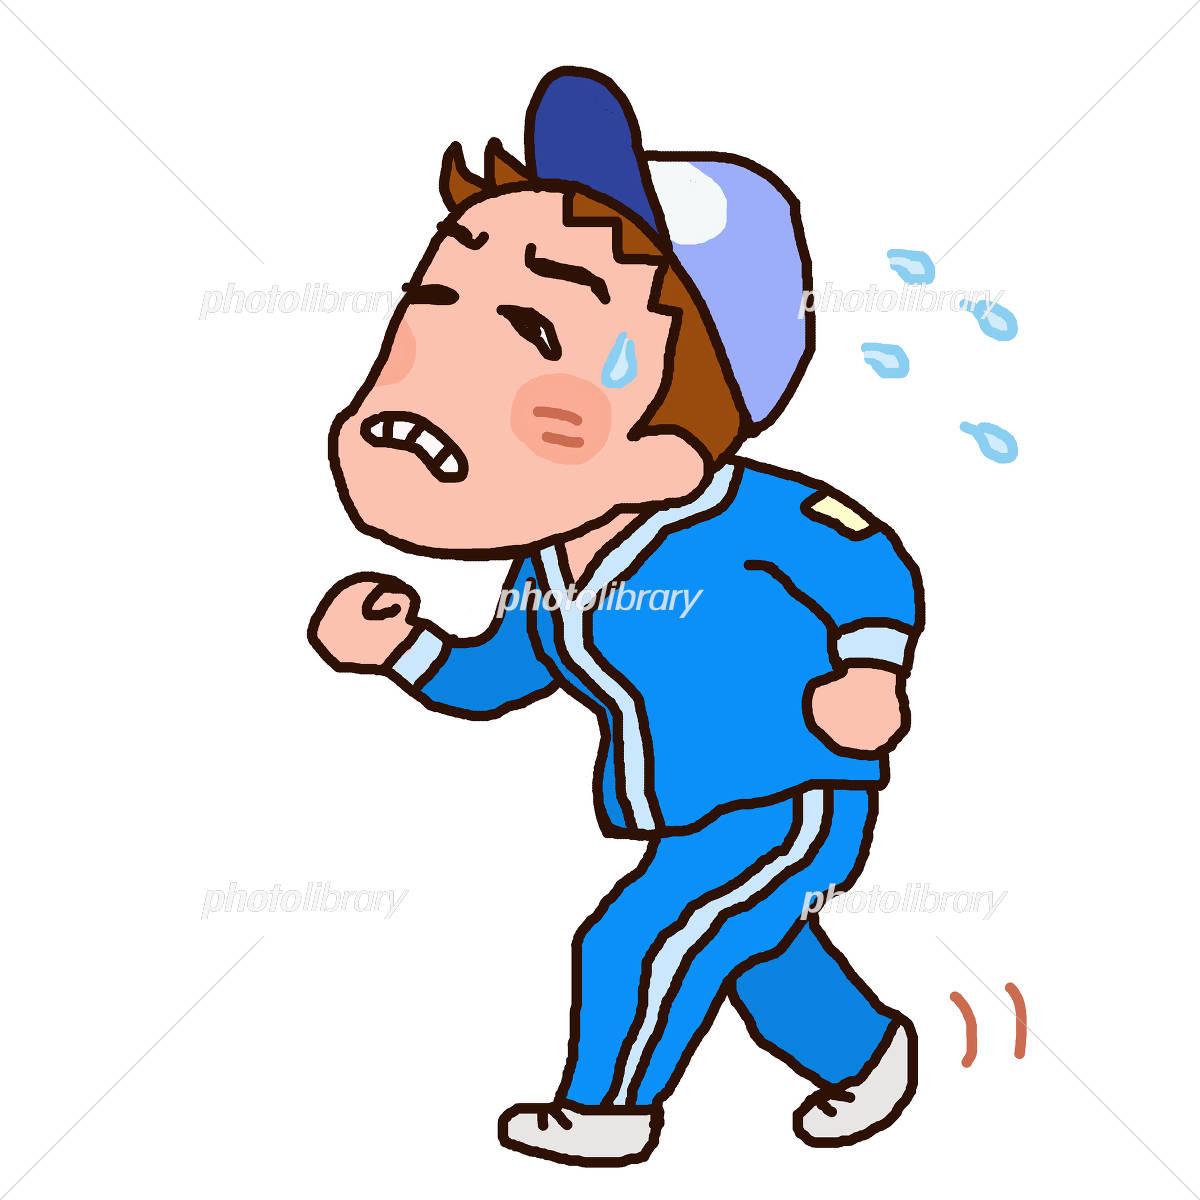 ジョギングは苦しいなあ イラスト素材 4445629 フォトライブラリー